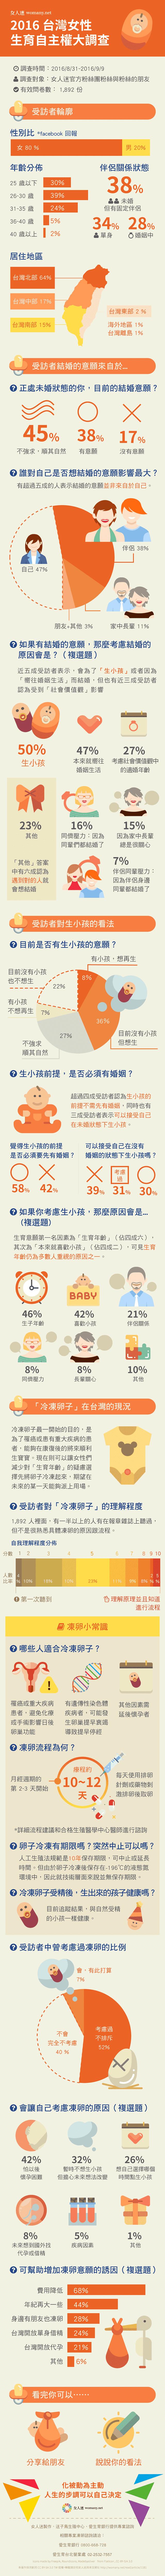 台灣女性生育自主大調查